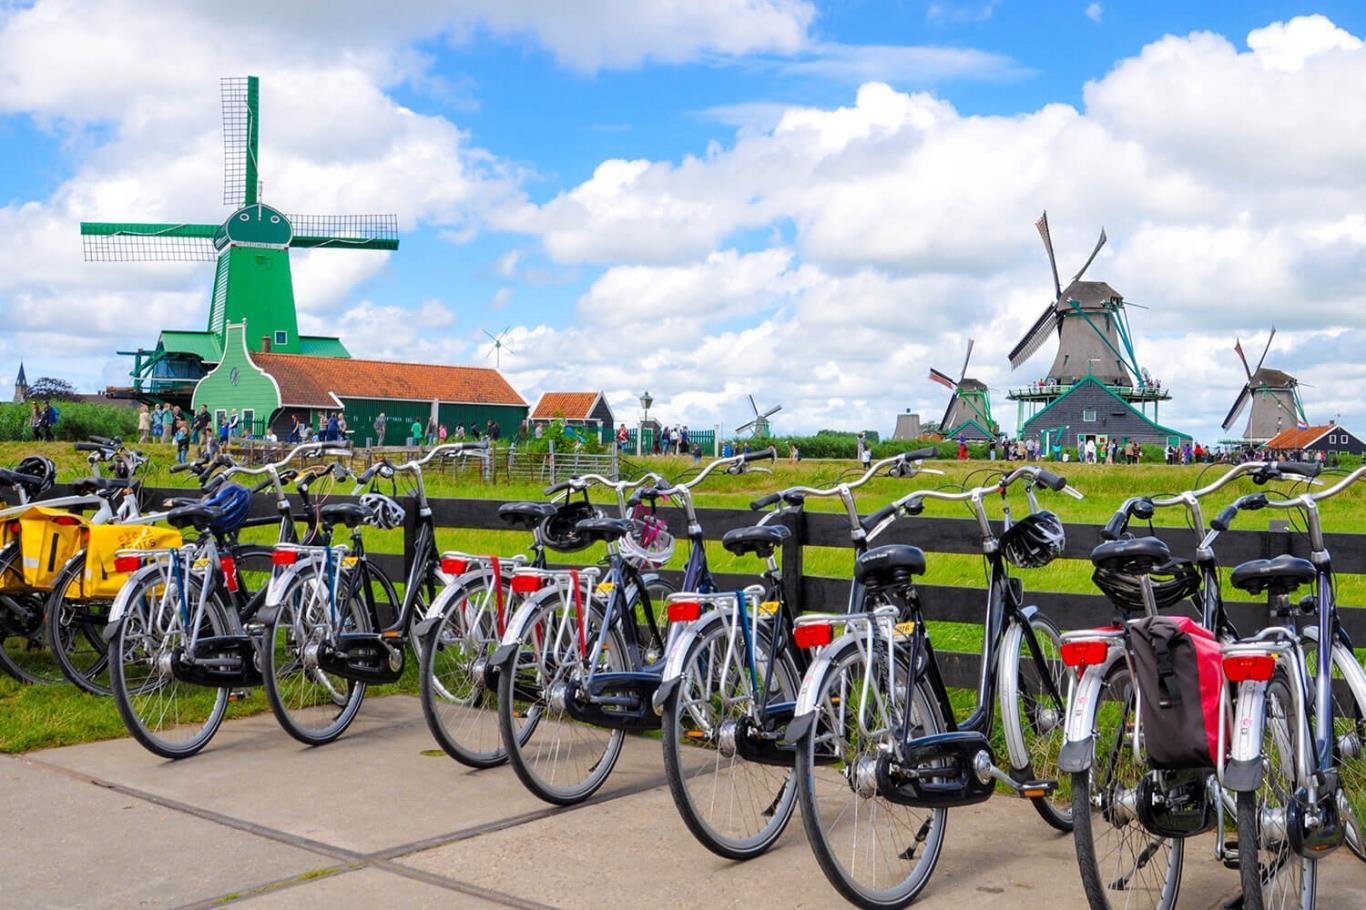 Phương tiện di chuyển khi đi du học Hà Lan